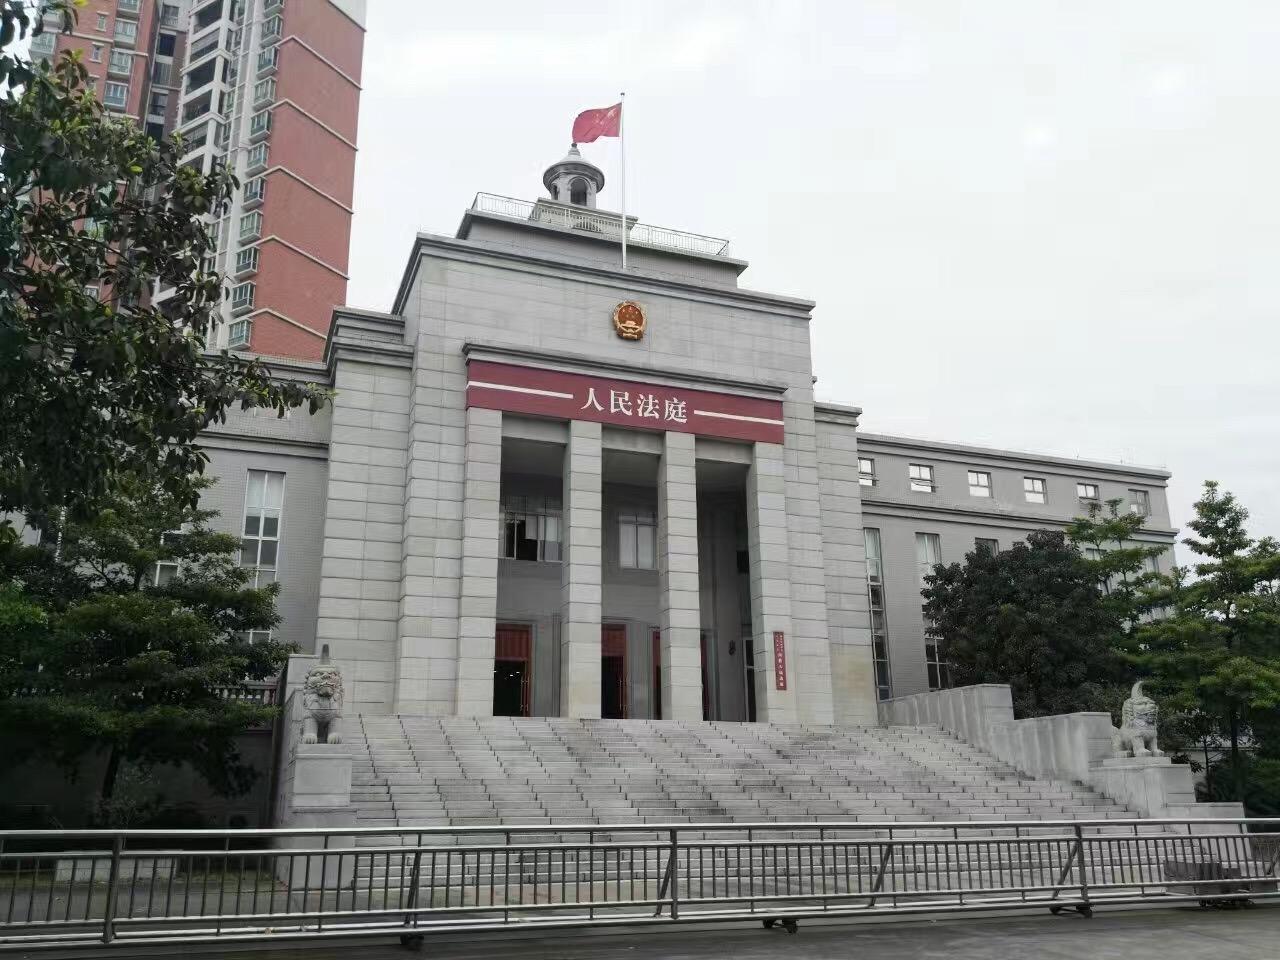 马俊哲律师出席法院庭审